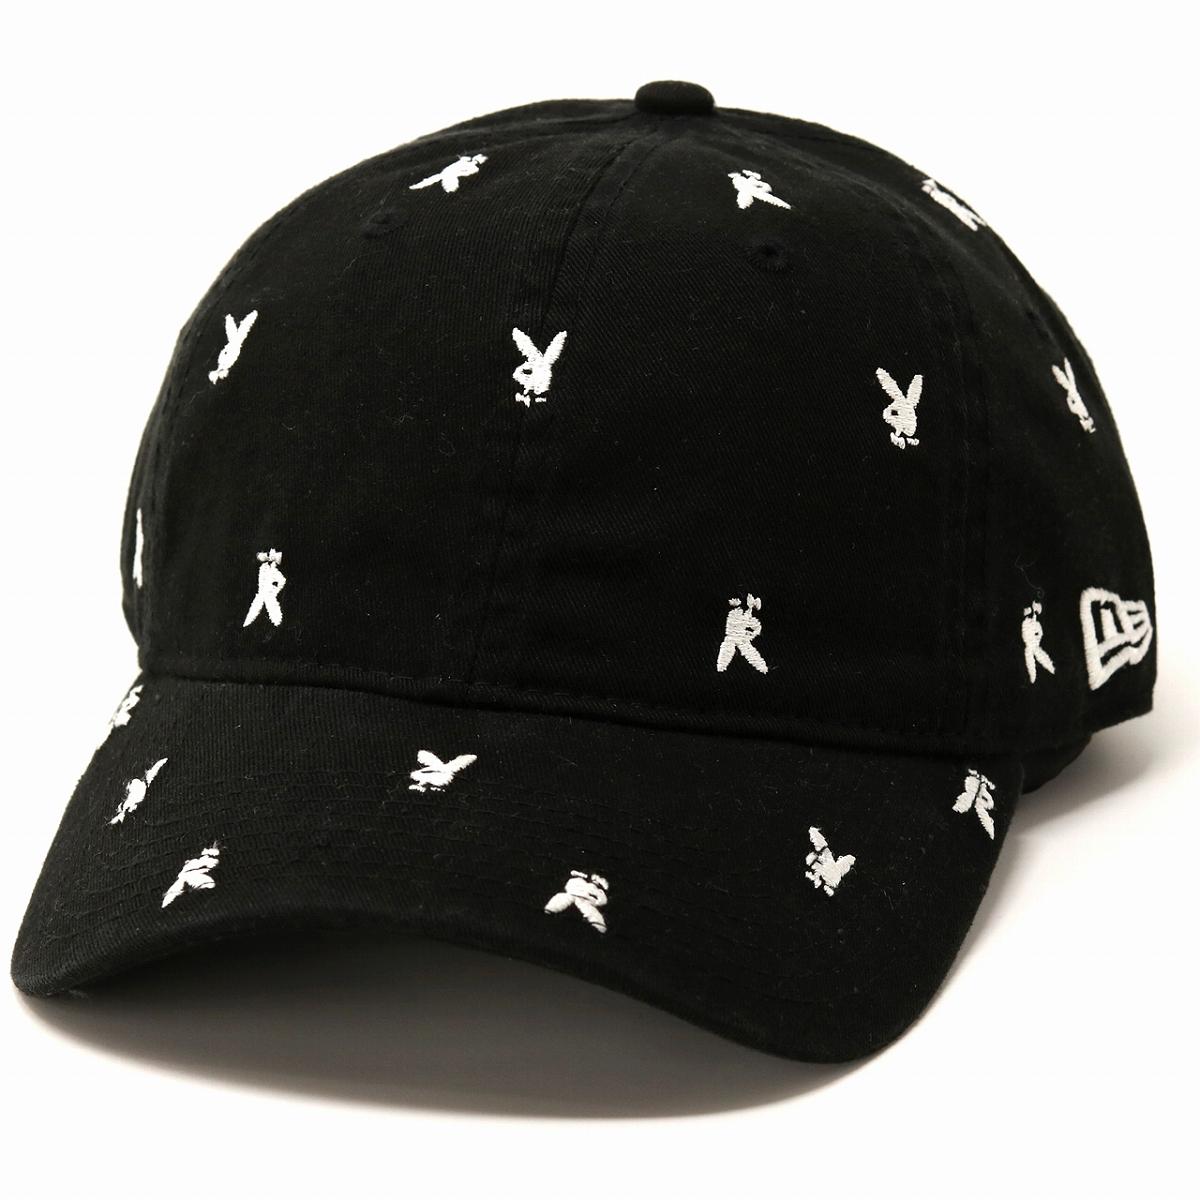 new era playboy cap men new gills hat playboy CAP NEWERA monotone baseball  cap adjustable size nostalgic rabbit brand 9TWENTY baseball cap whole  pattern ... 14baf1d7f9ae